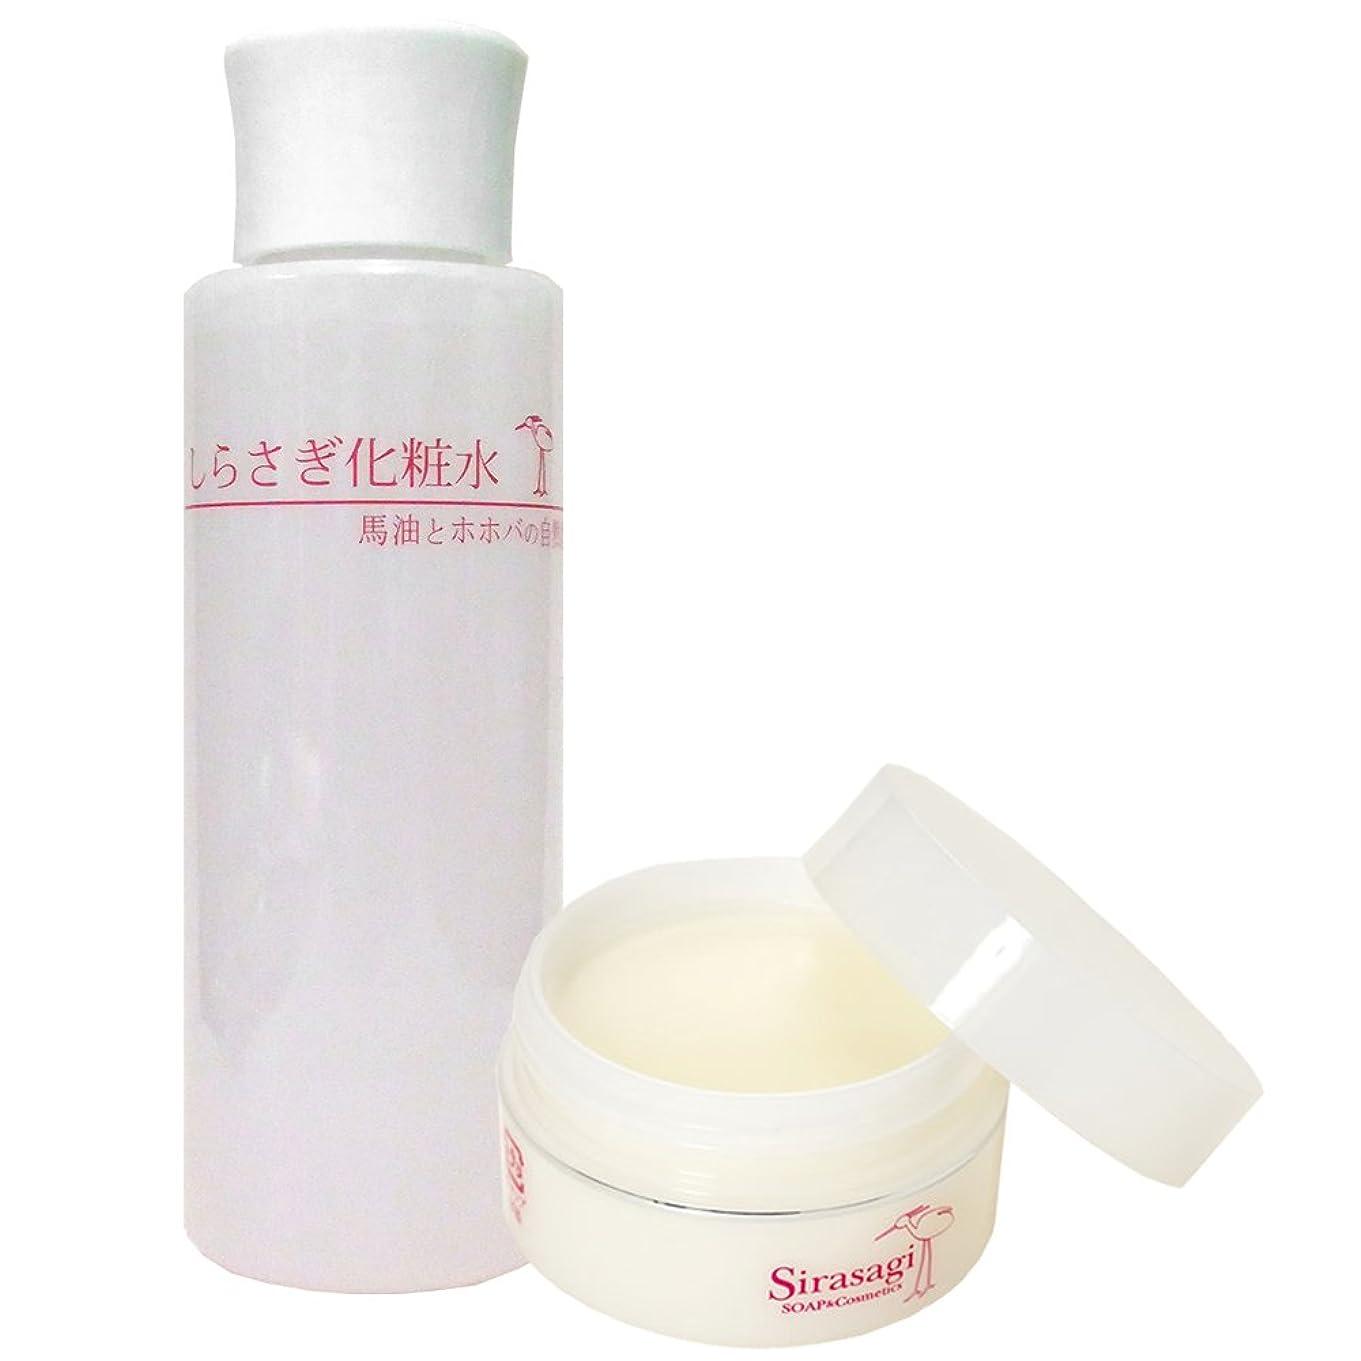 上級副詞車両しらさぎクリーム(ラベンダーとローズウッドの香り)としらさぎ化粧水のセット